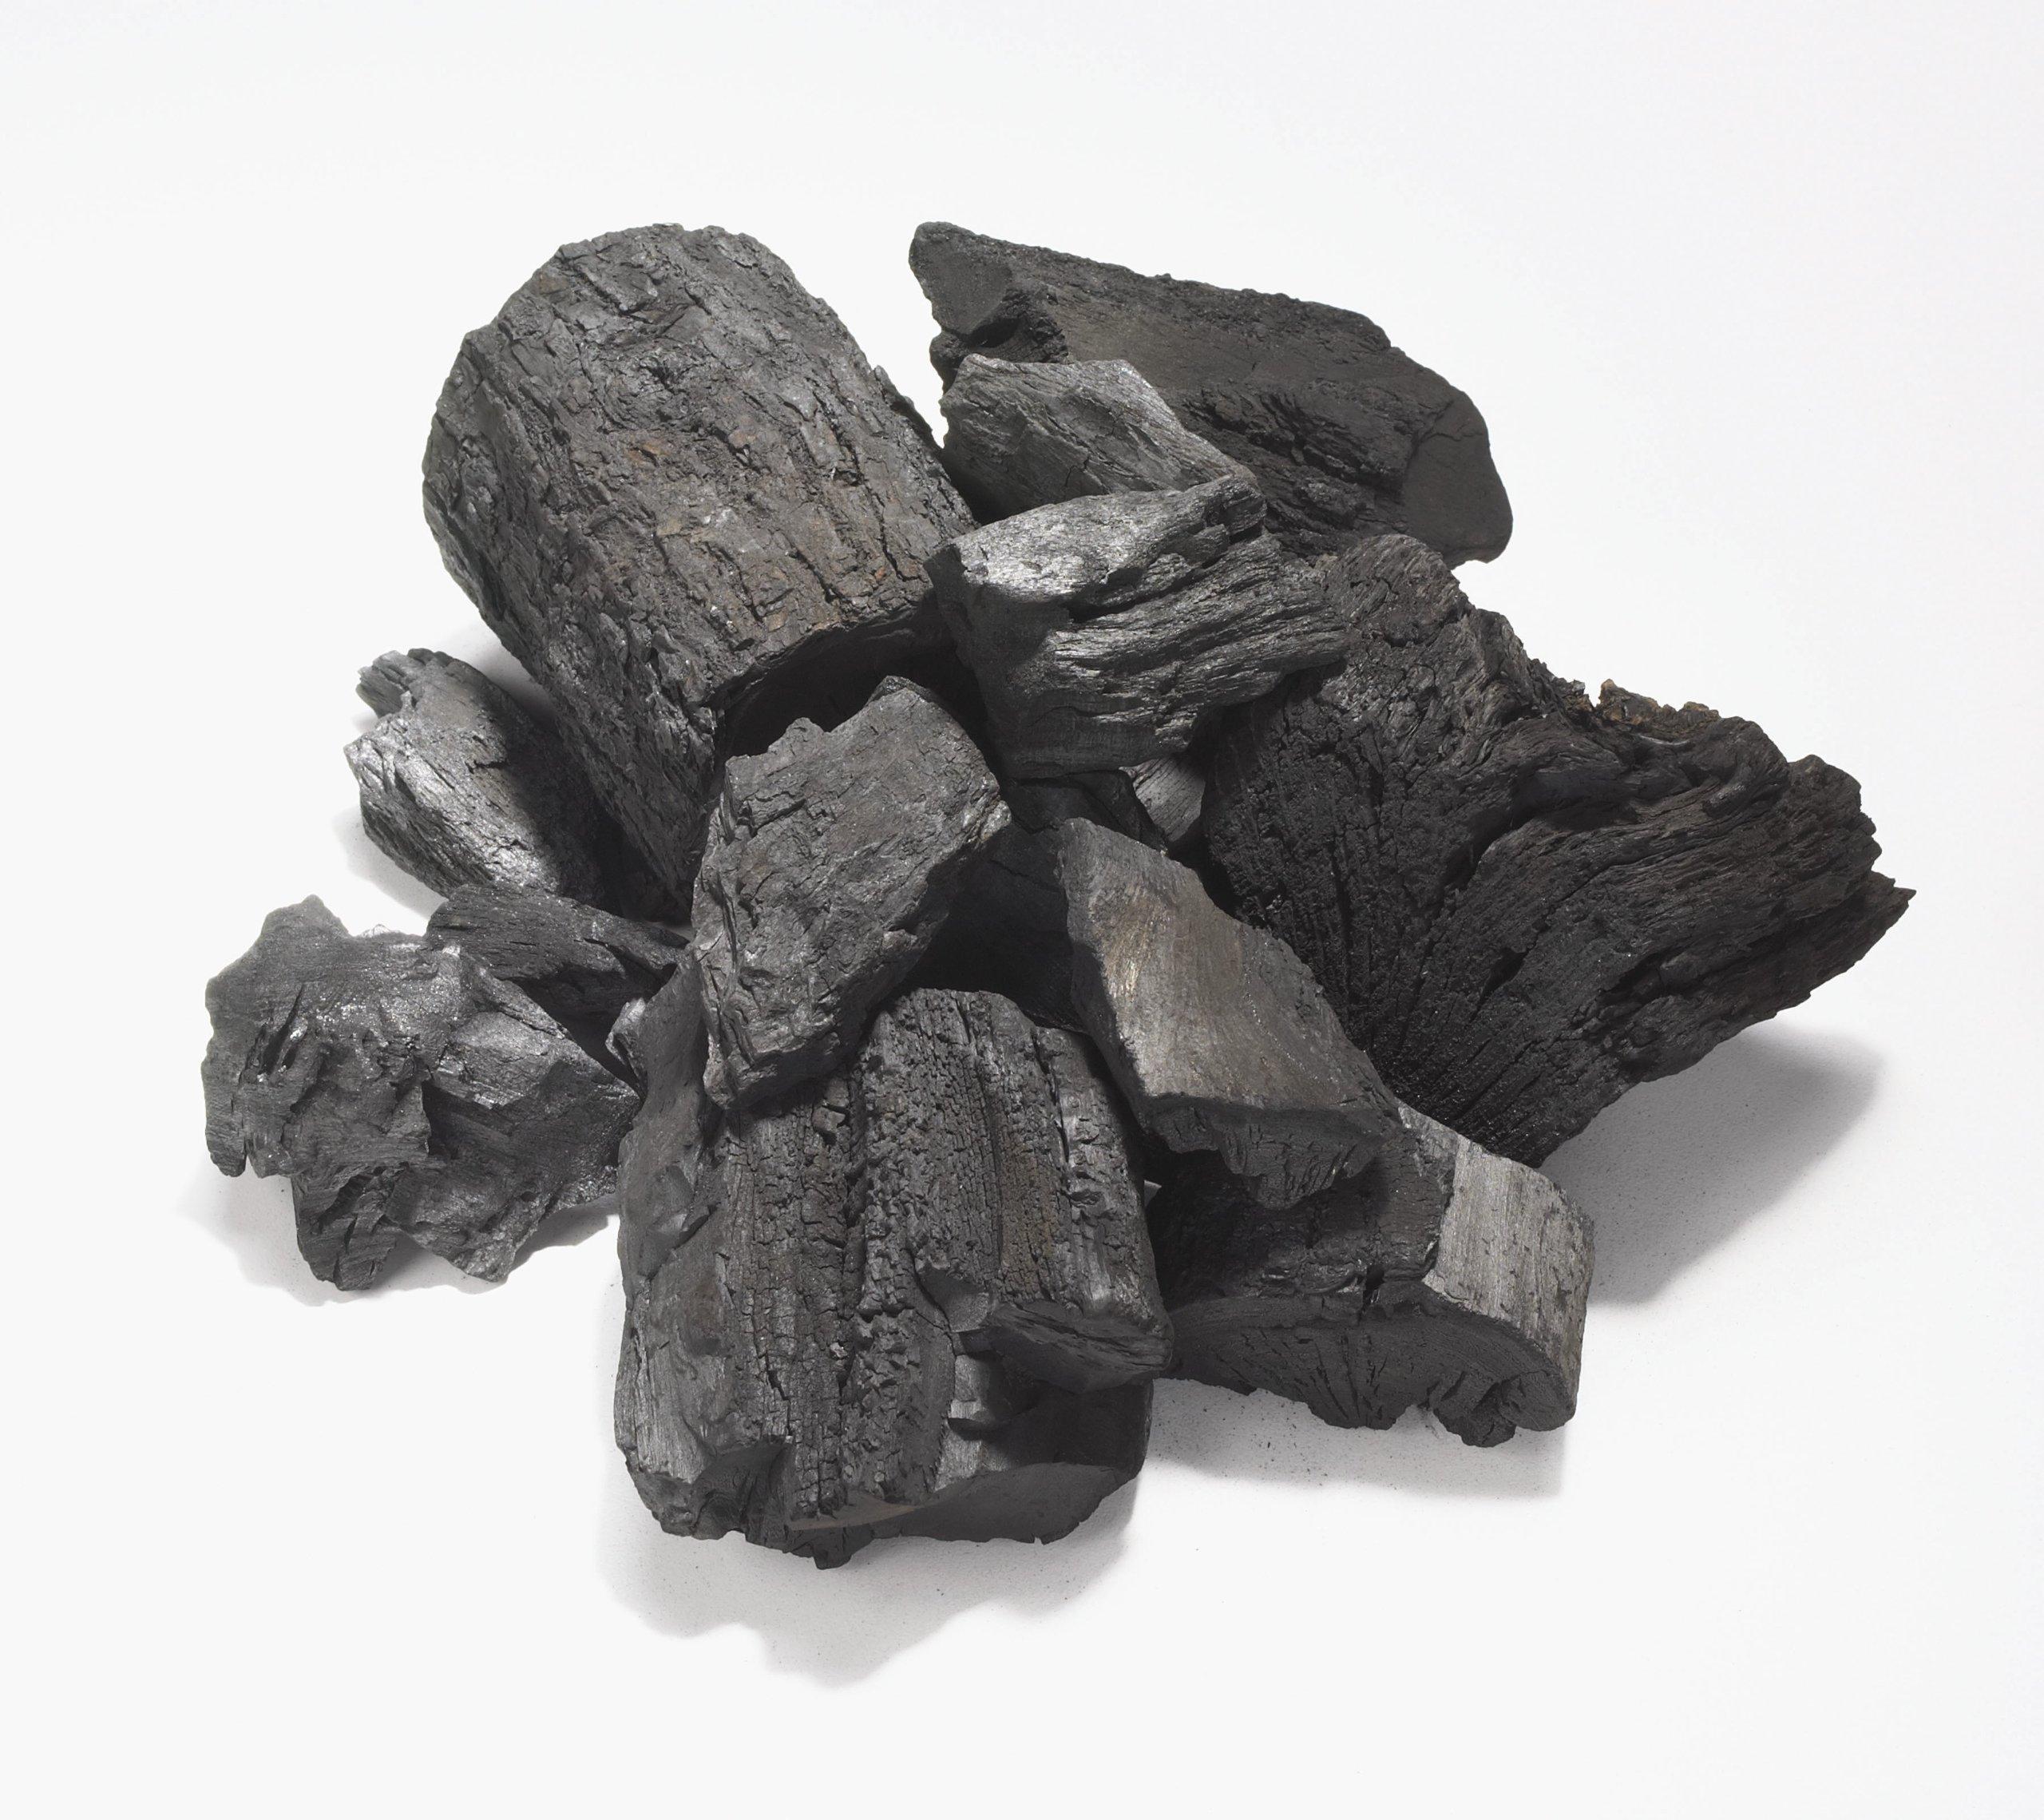 Broil King Keg Premium Hardwood Lump Charcoal - 8.8 lb/3.99 kg bag